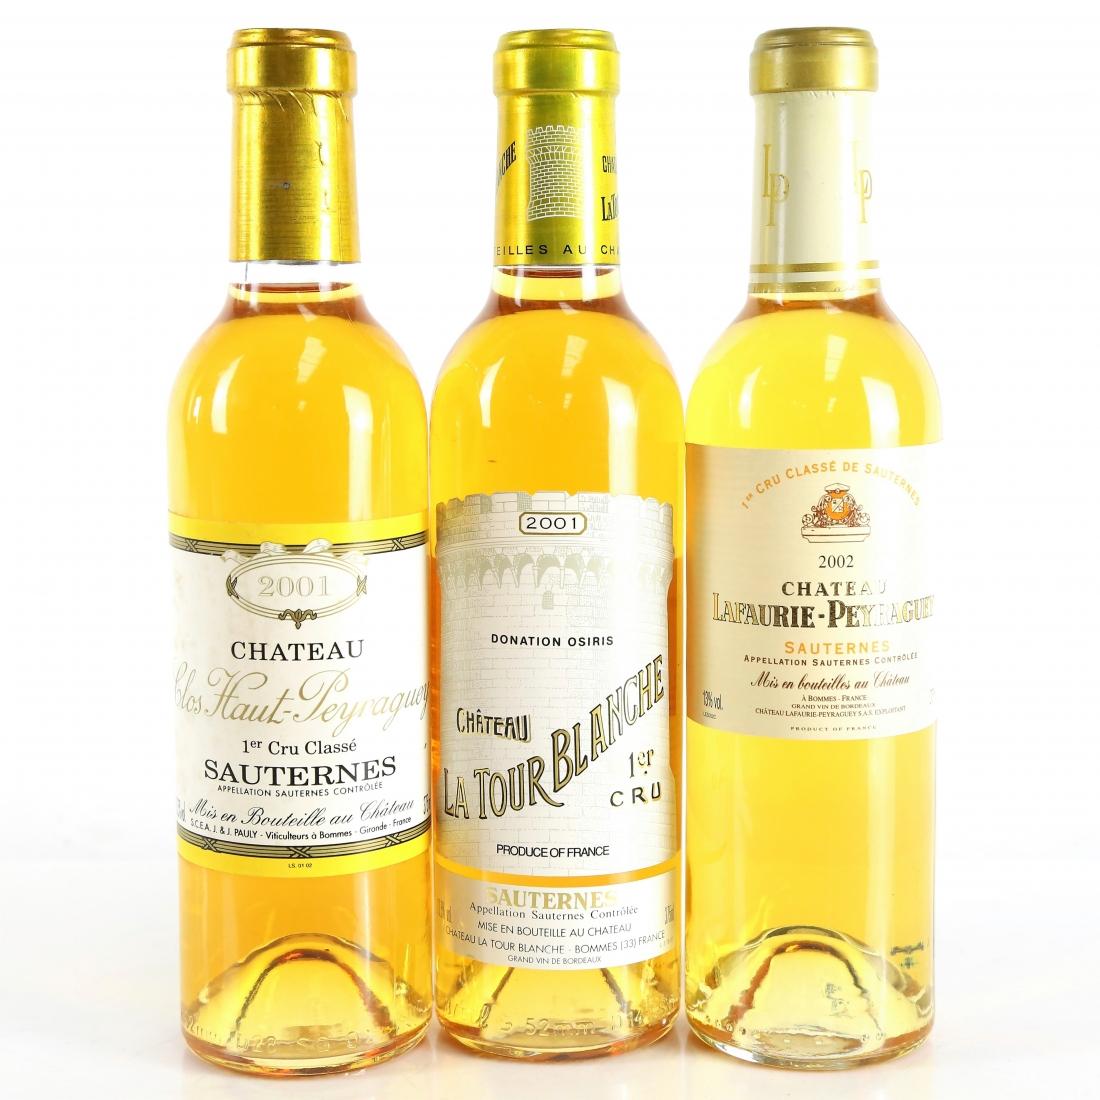 Premier Cru Chateaux 2001 & 2002 Sauternes 3x37.5cl